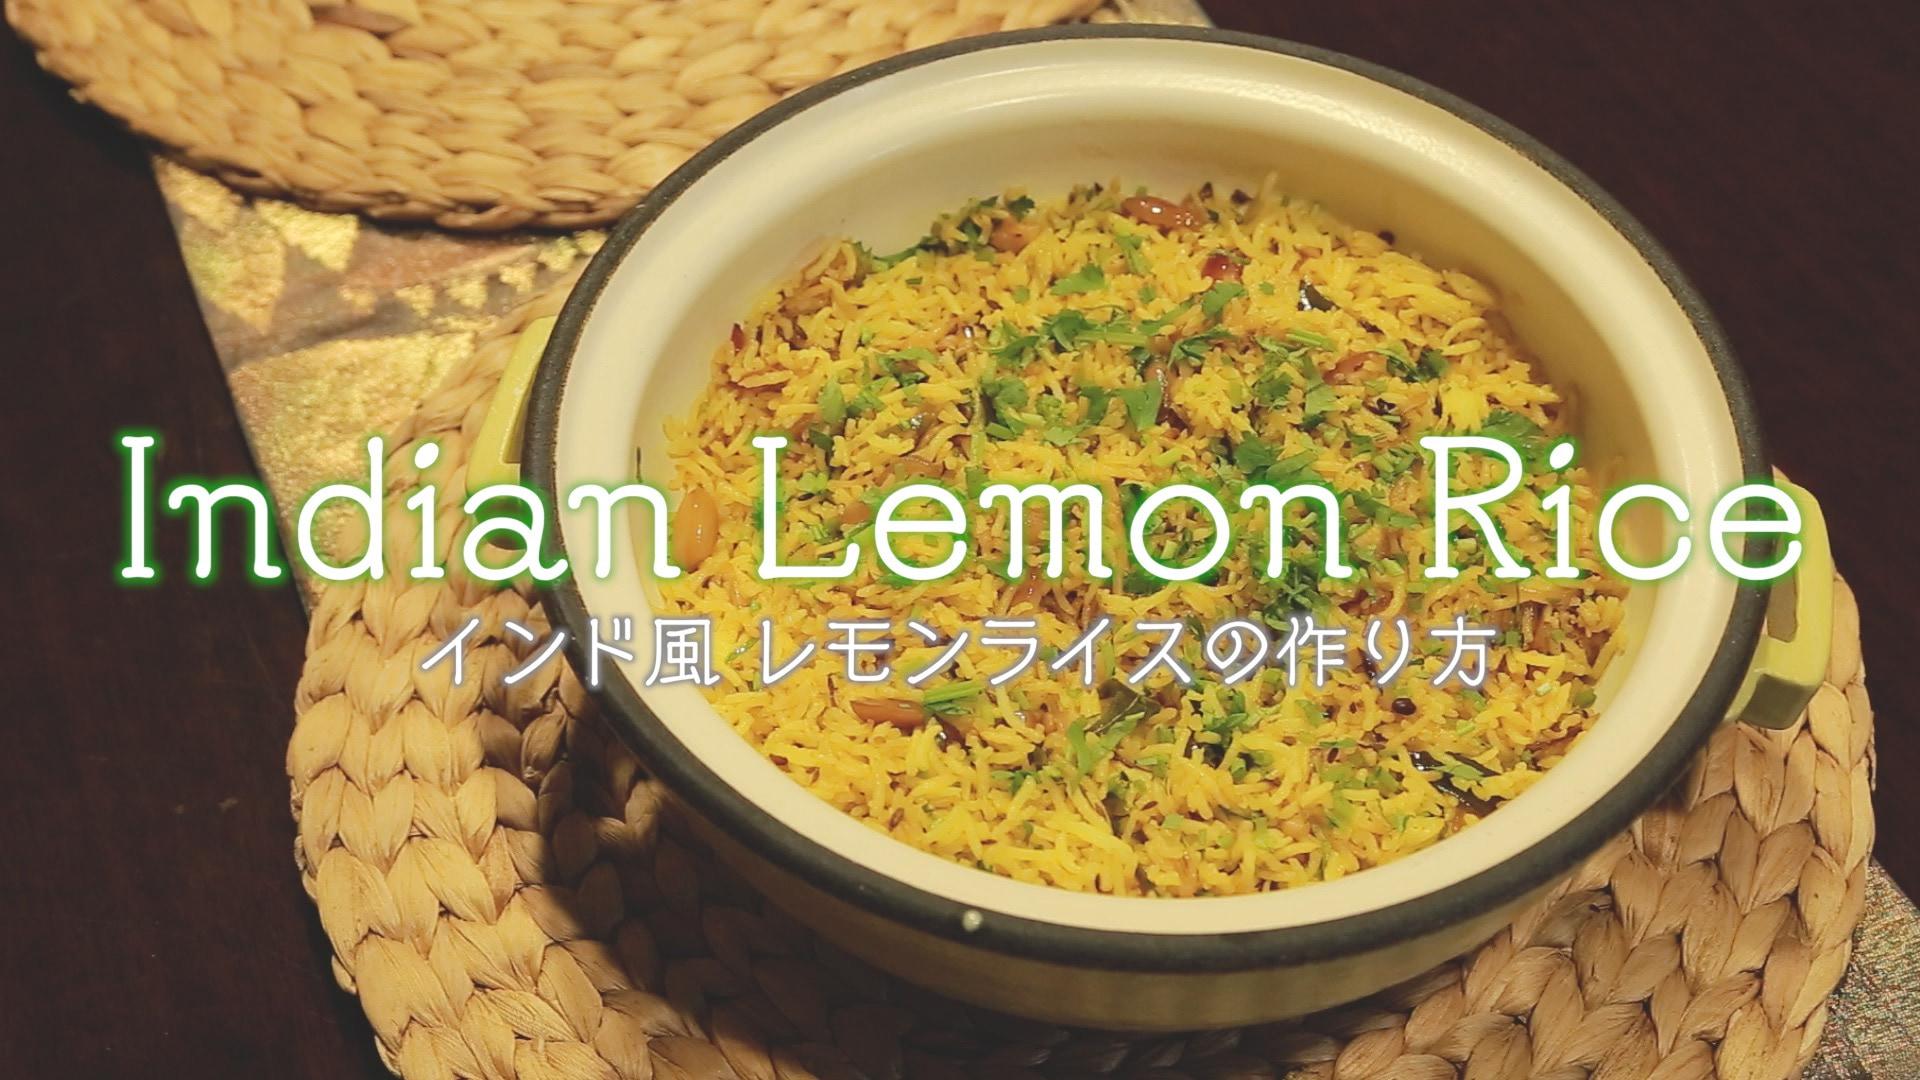 外国人が作る家庭料理を楽しむ【キッチハイク】で世界旅行!Vol.4『レモンライス』fromインド